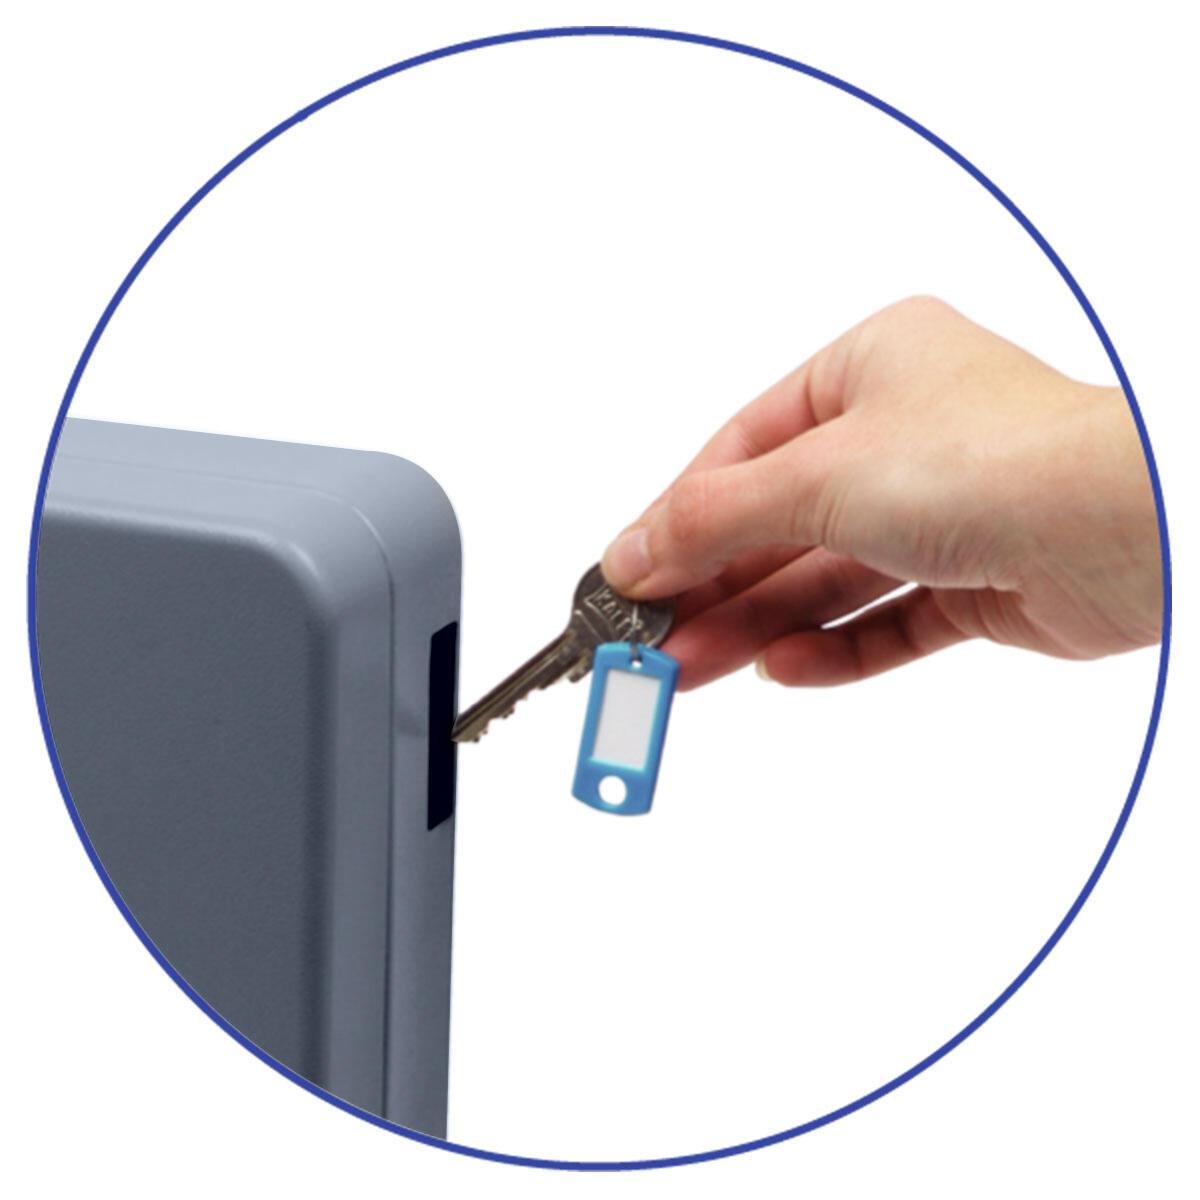 Schlüsselkasten für  20 Schlüssel inkl. Anhänger und seitl. Einwurfschlitz, grau